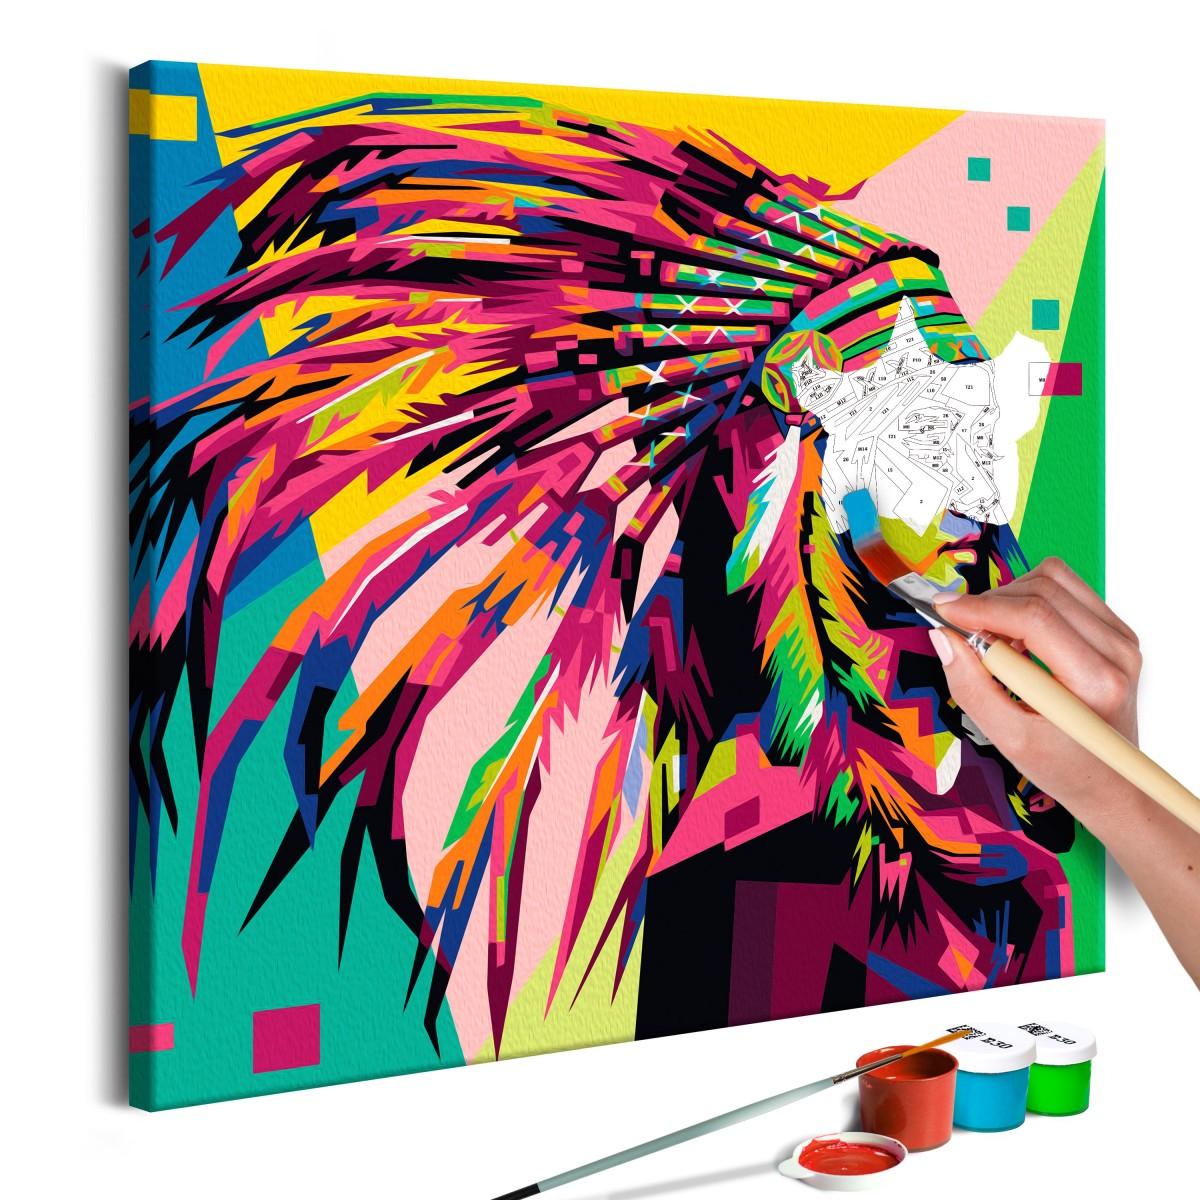 Obraz do samodzielnego malowania - Indianin (pióro